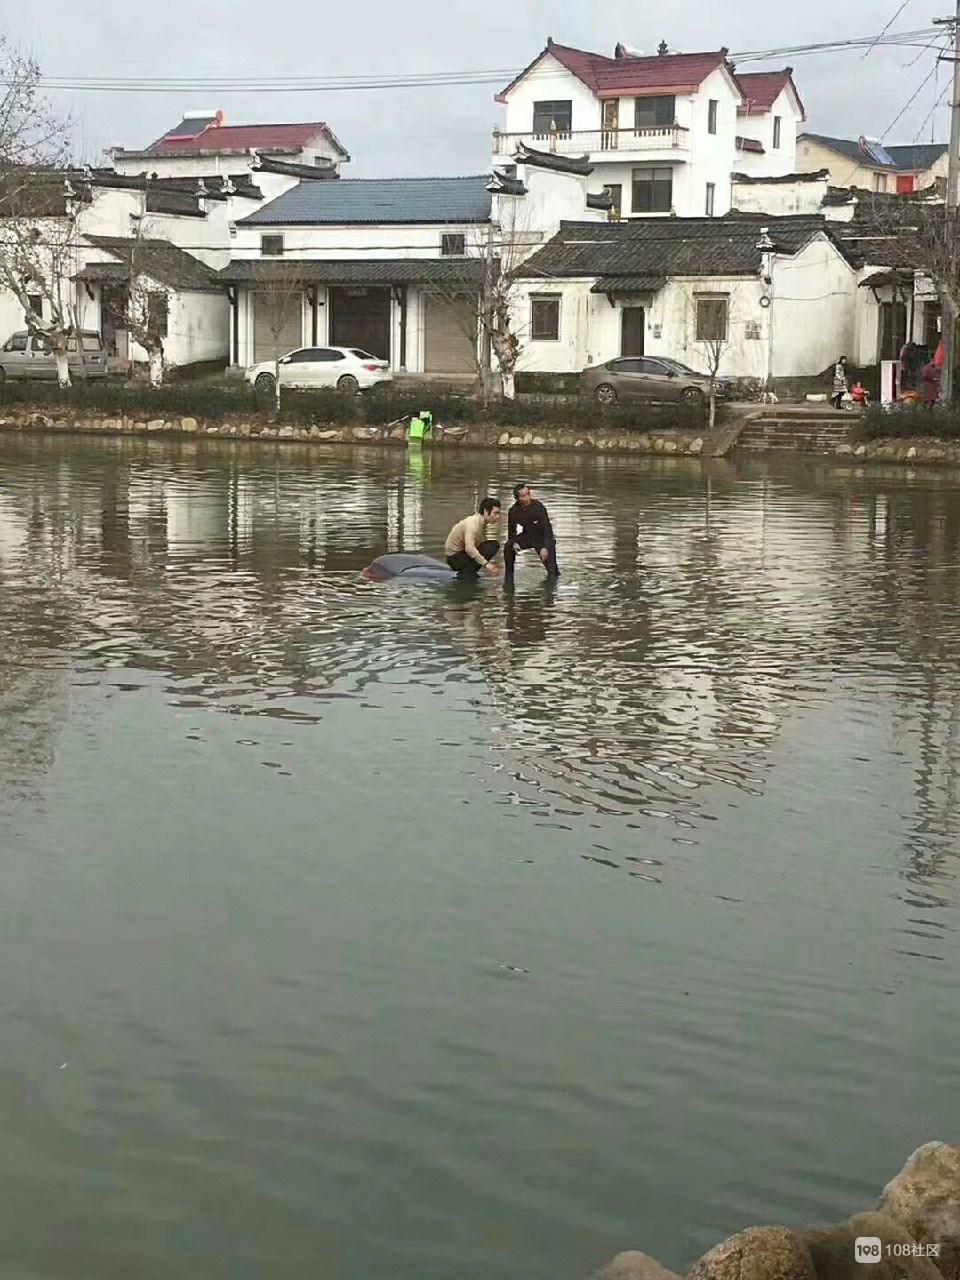 车塘村女司机把车开塘里,村民见义勇为救出妇女和儿童